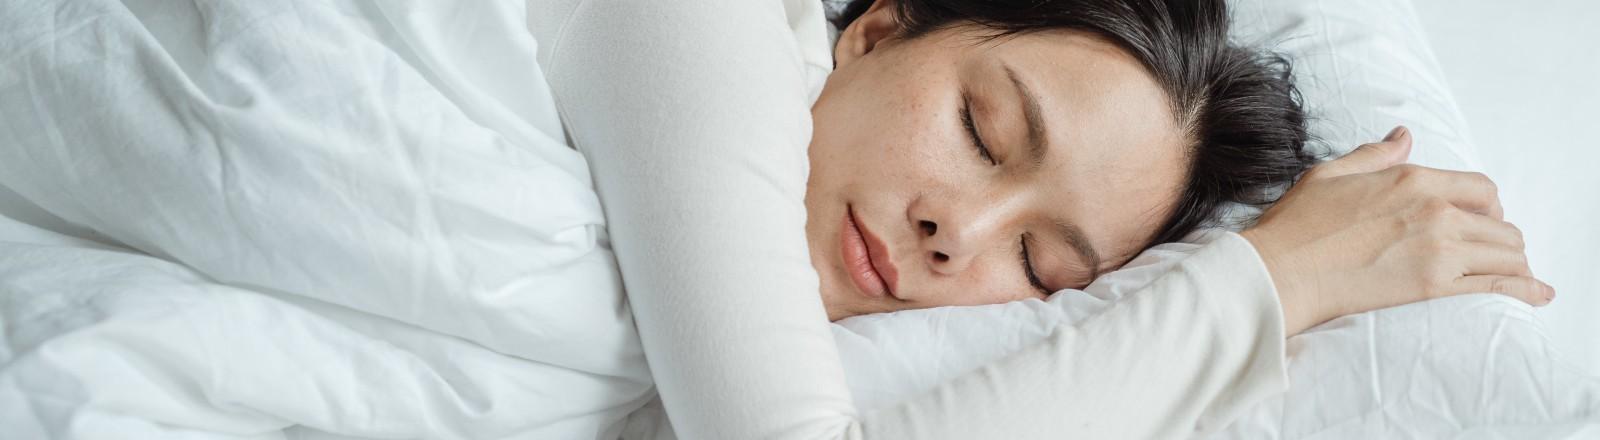 Die Frau liegt im Bett und schläft